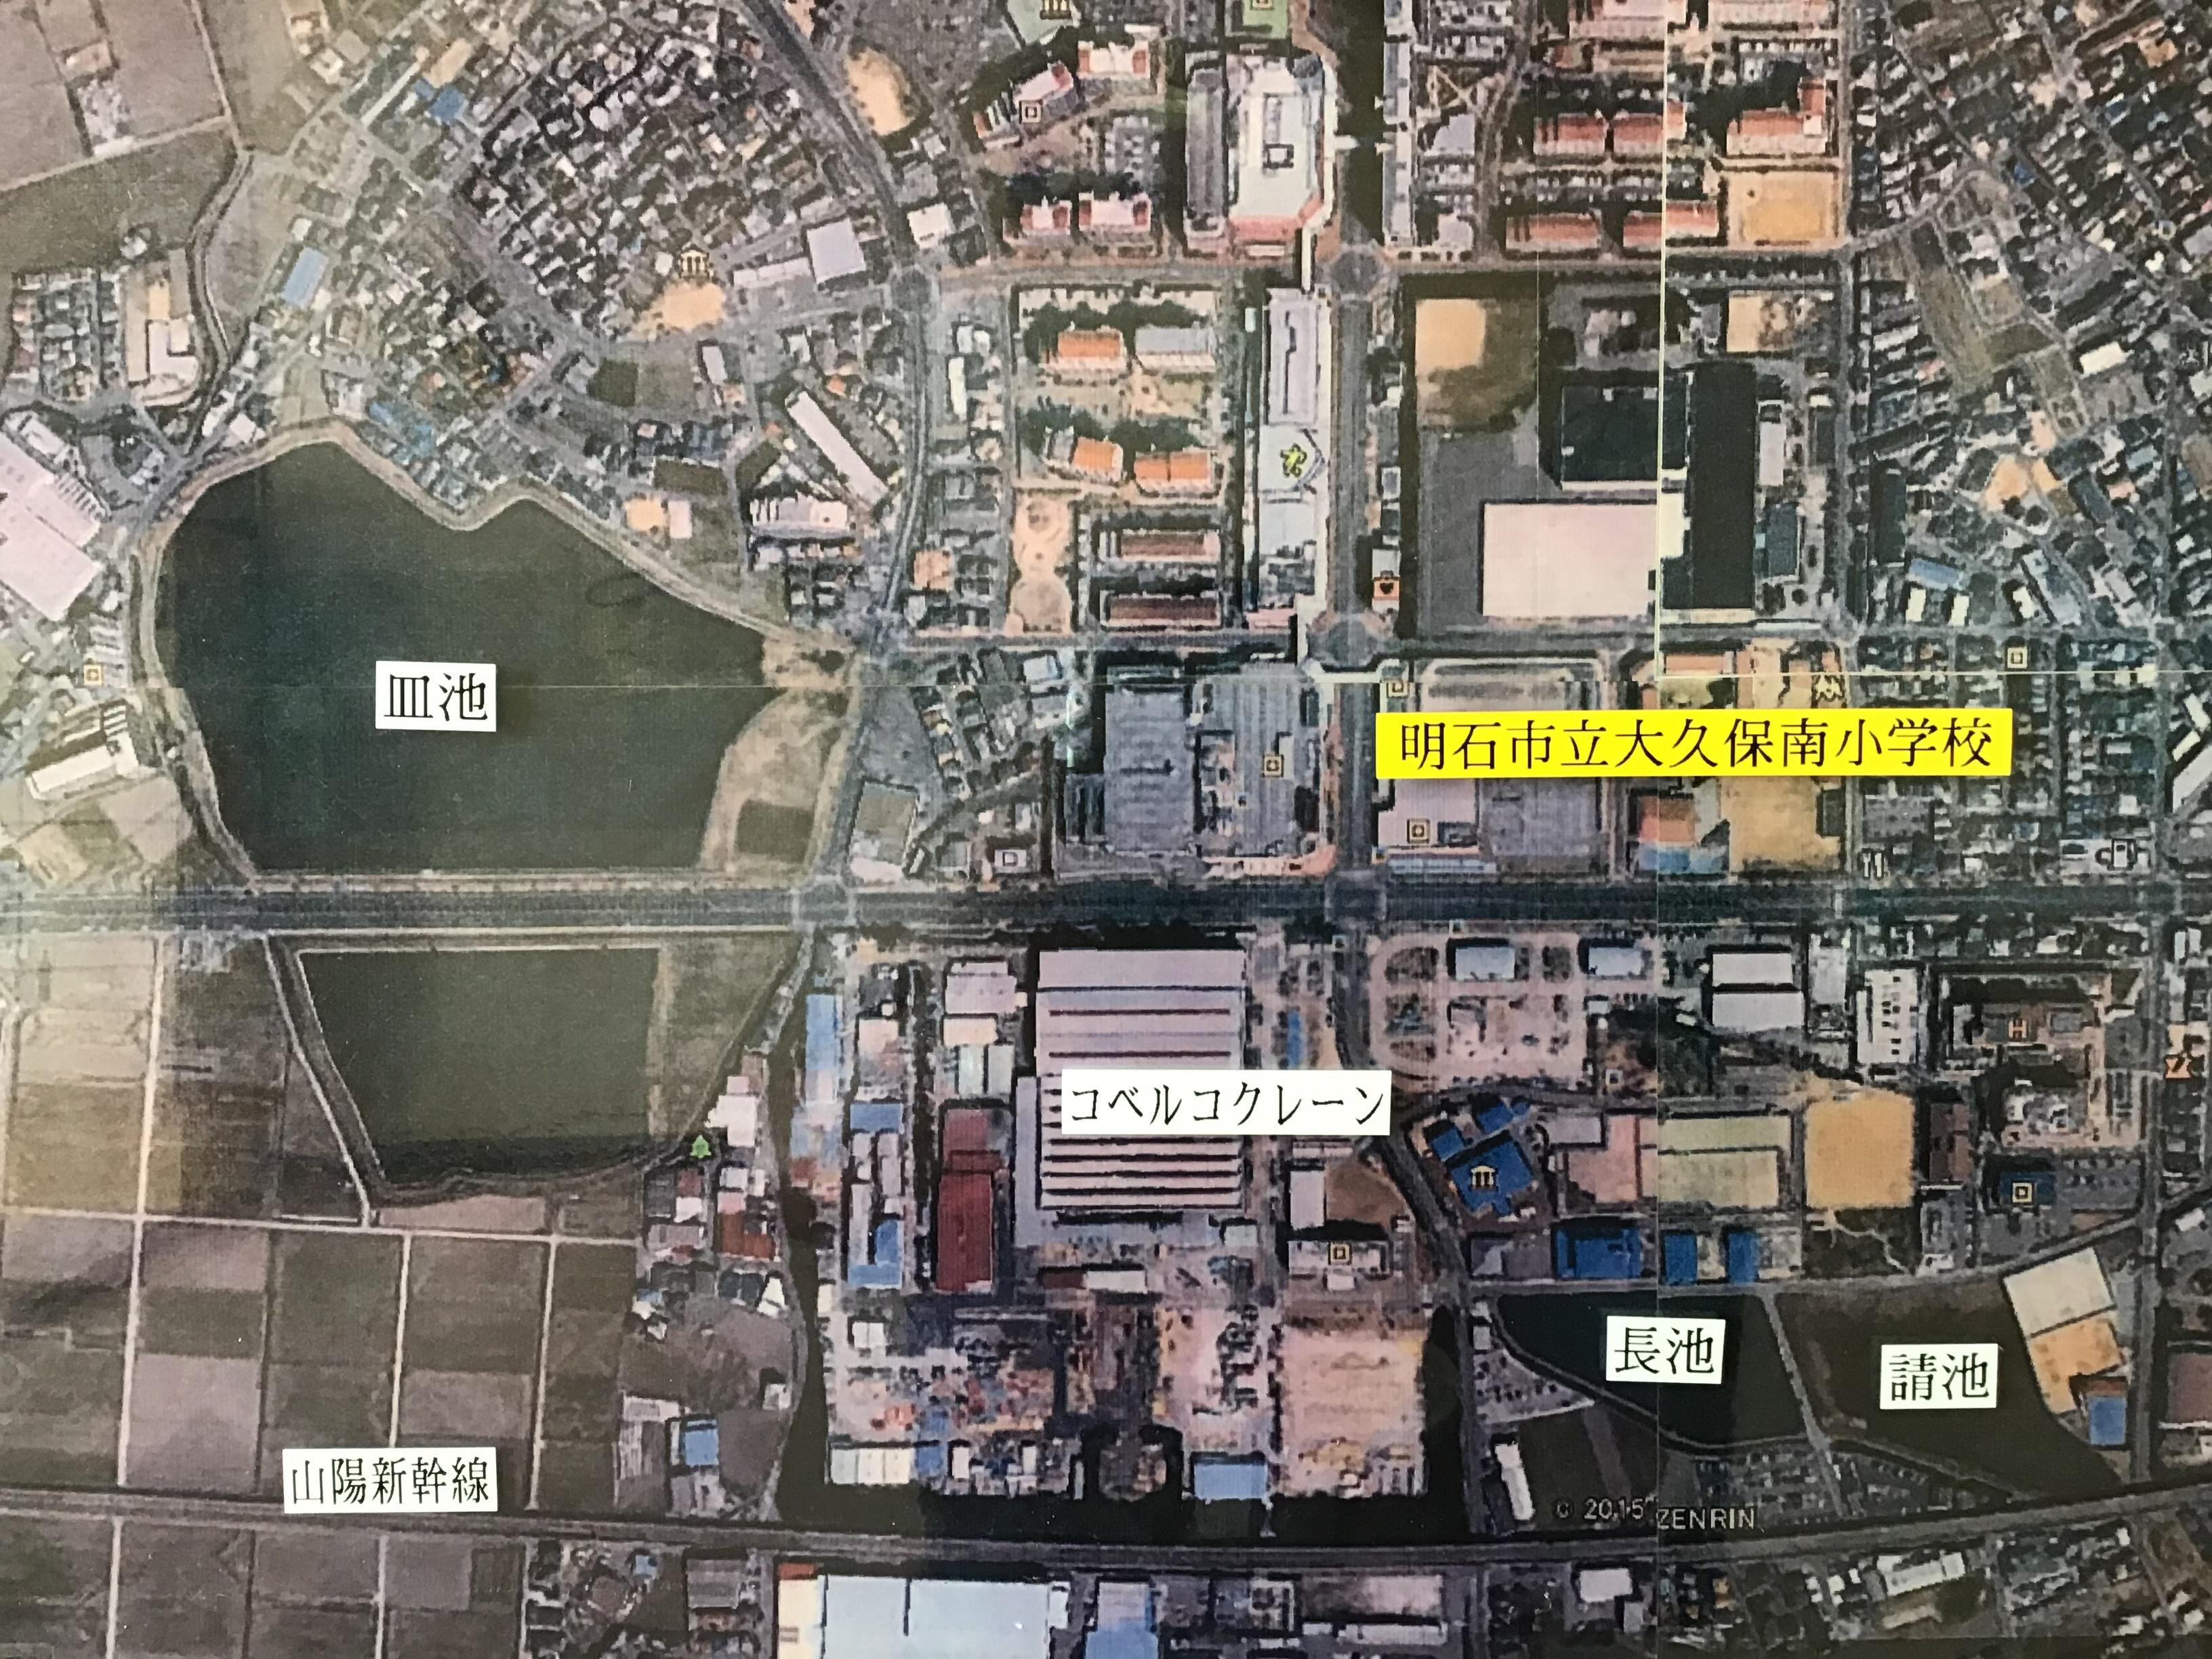 写真右側の大久保南小学校から皿池は西に約500メートルに位置しています。(右下の請池はヒメガマに覆われています。大変)